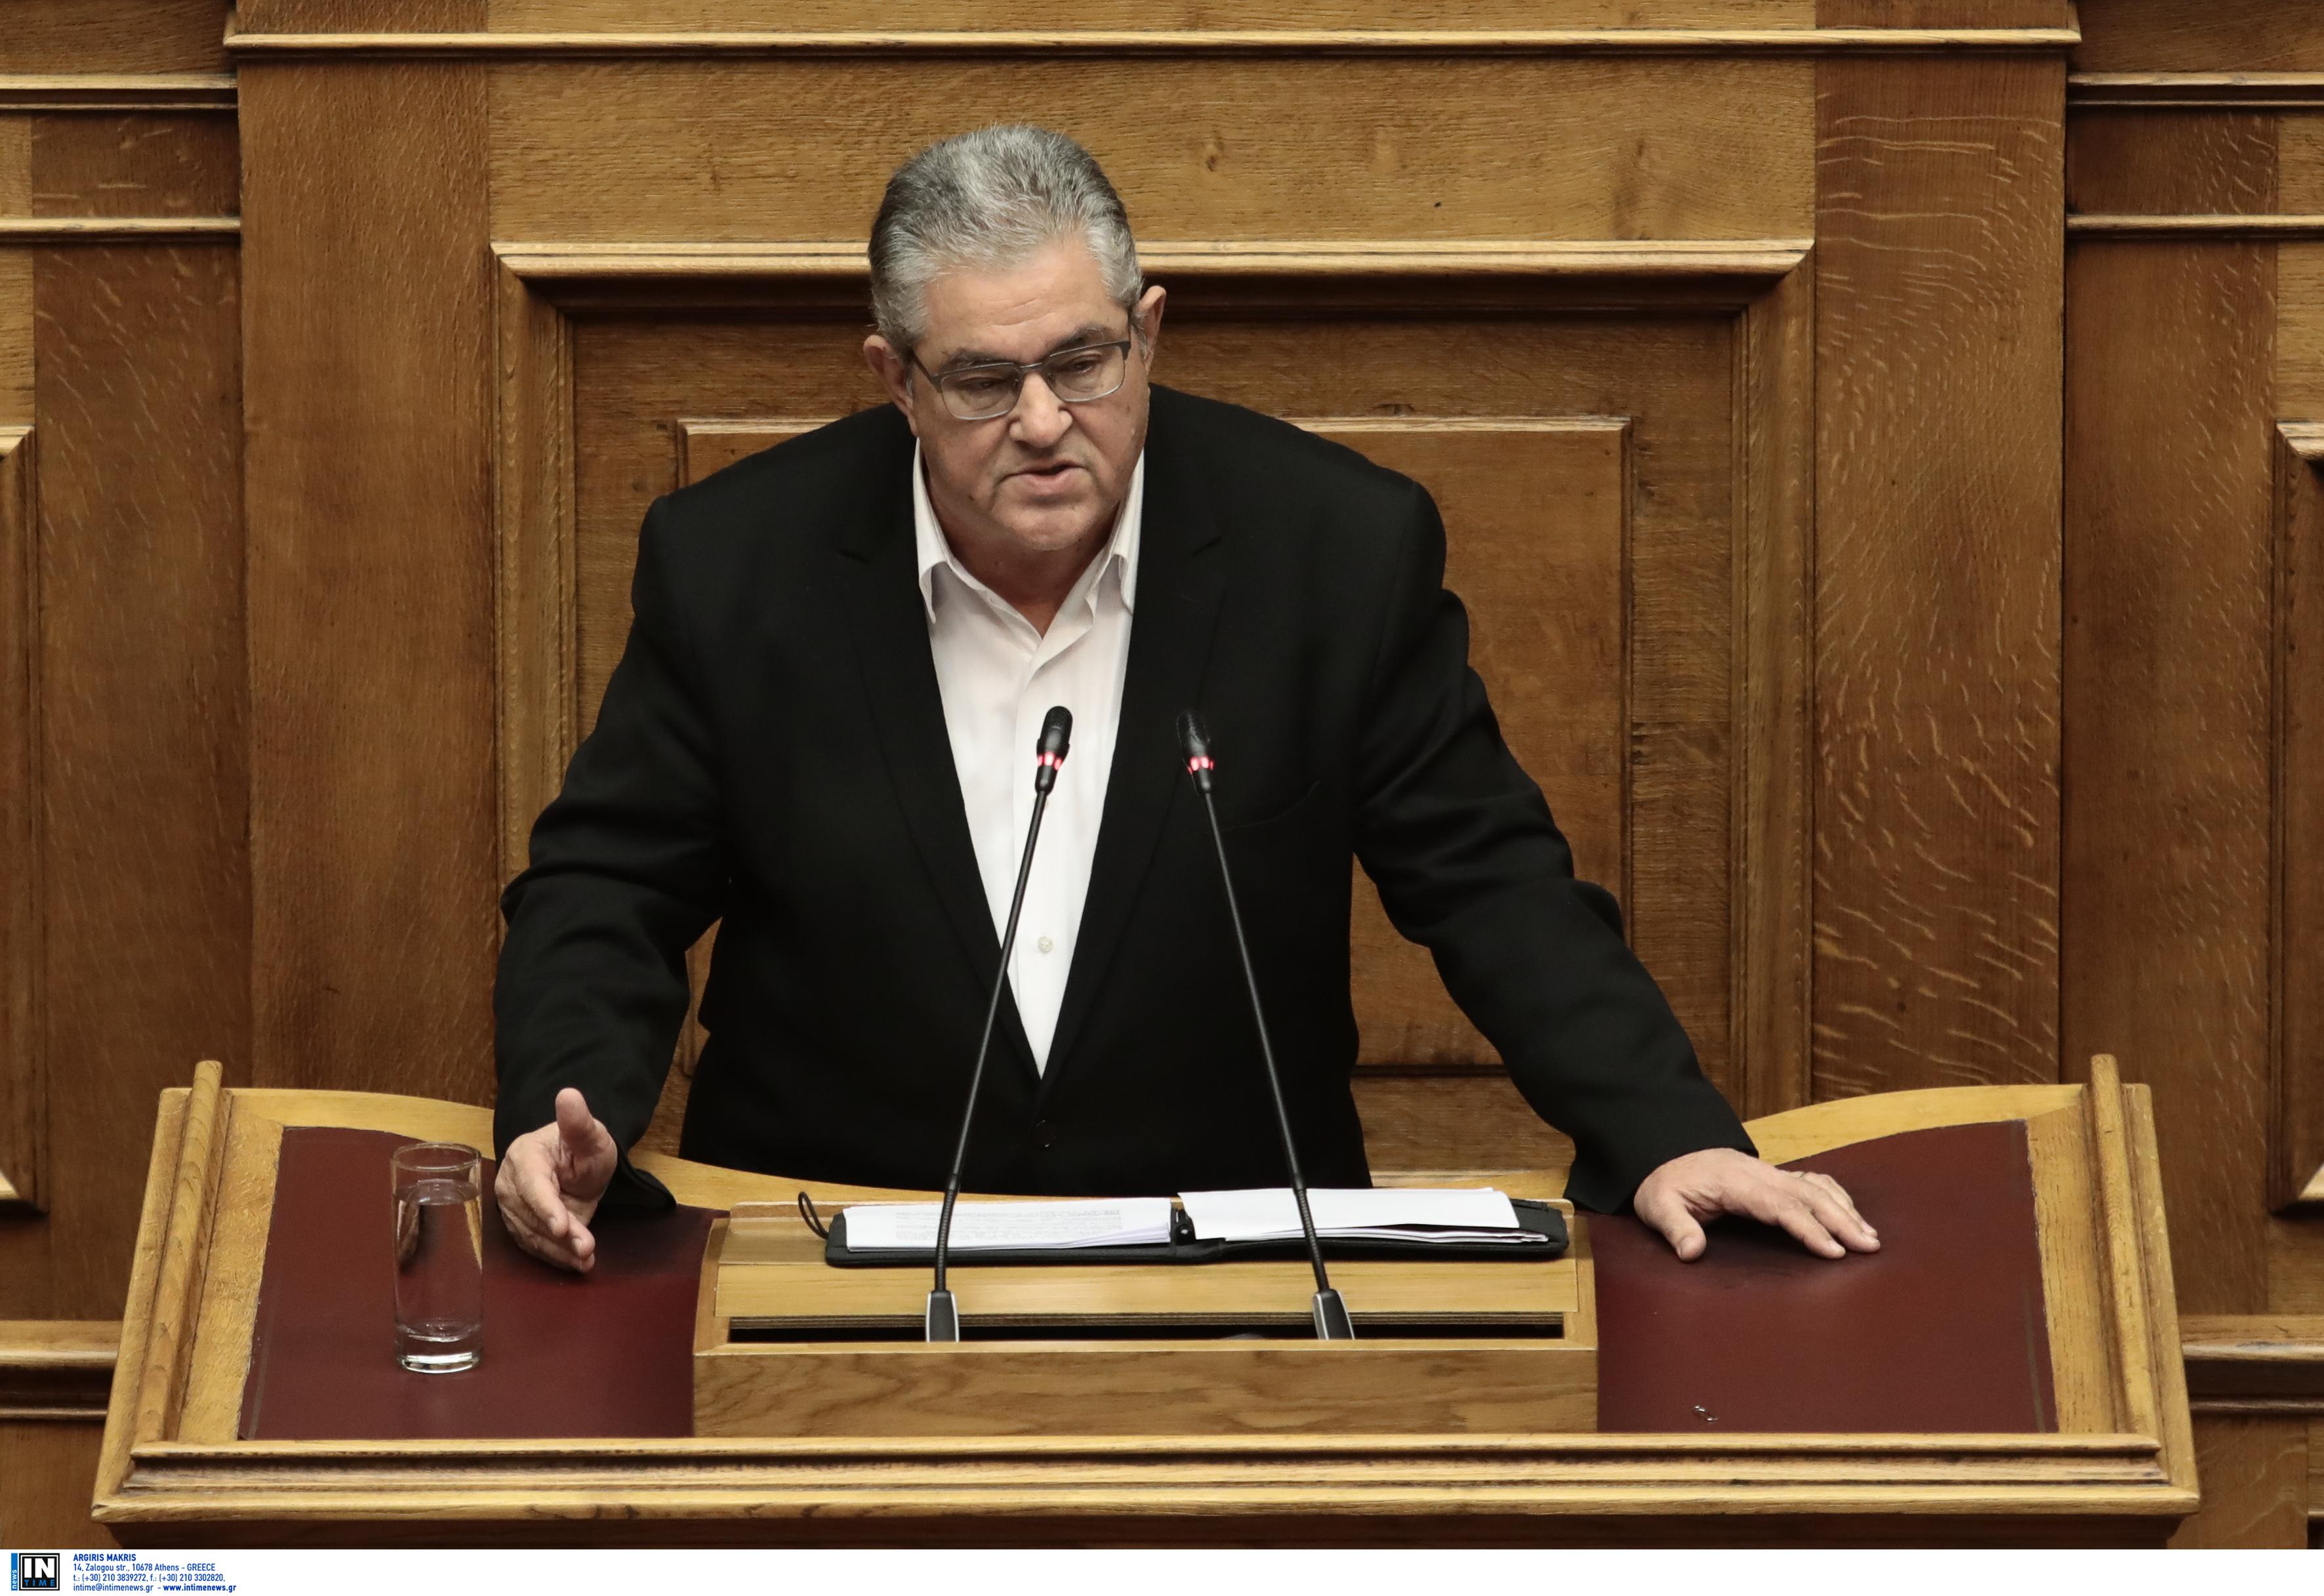 Κουτσούμπας: Tο δόγμα περί προστασίας της Ελλάδας από ΗΠΑ, ΝΑΤΟ, ΕΕ έχει χρεοκοπήσει